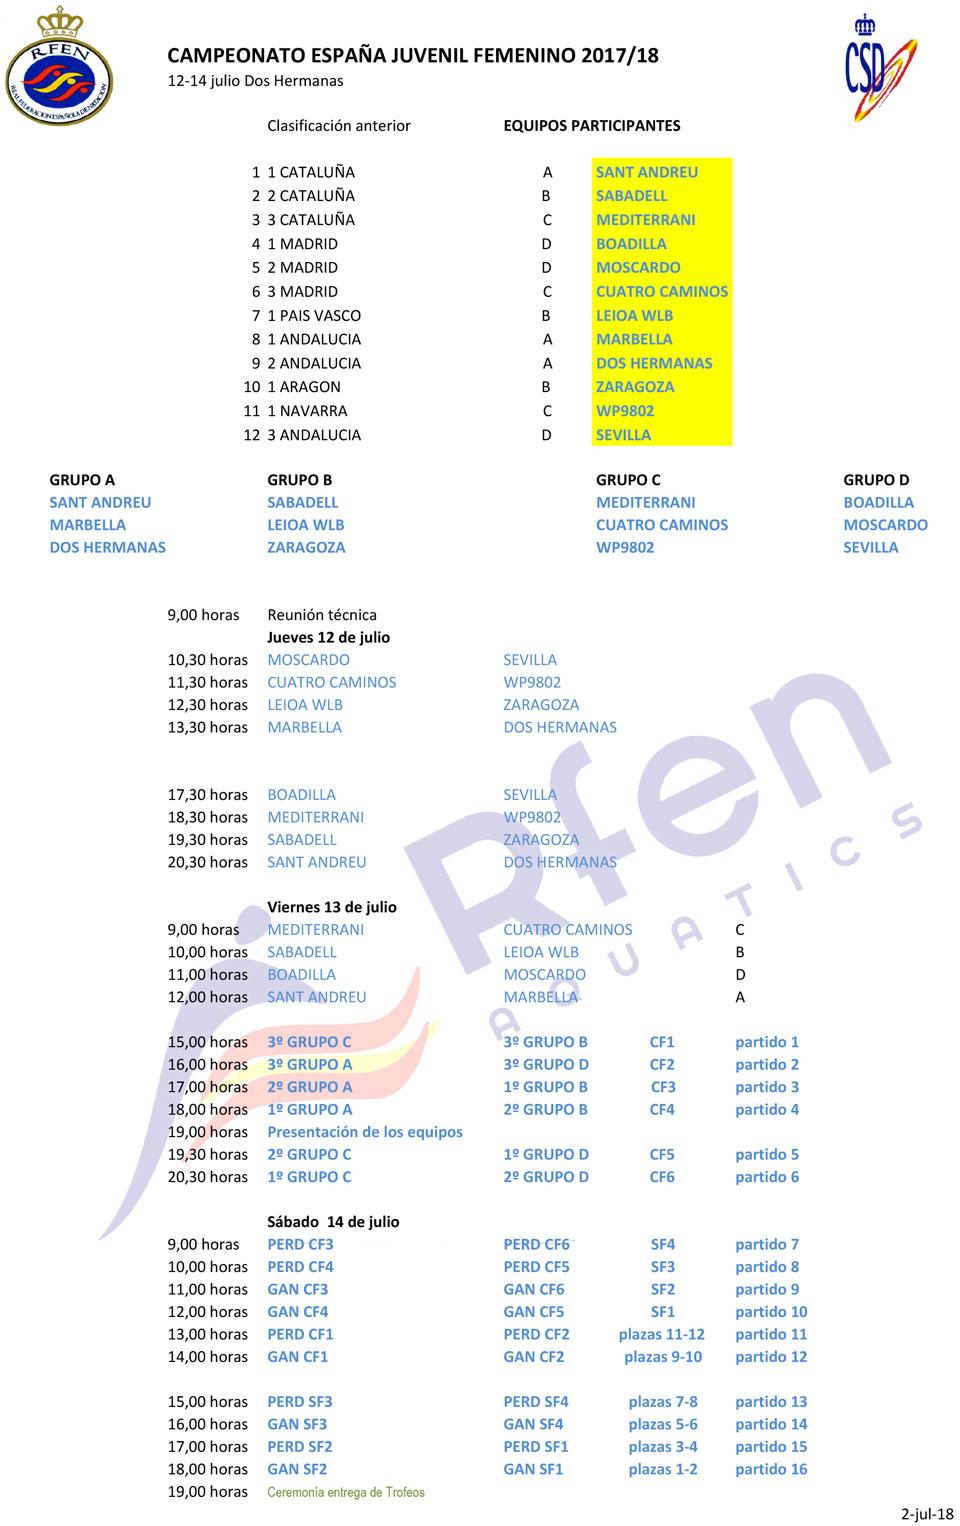 Campeonato de España Waterpolo juvenil femenino 2017-2018 - Programa